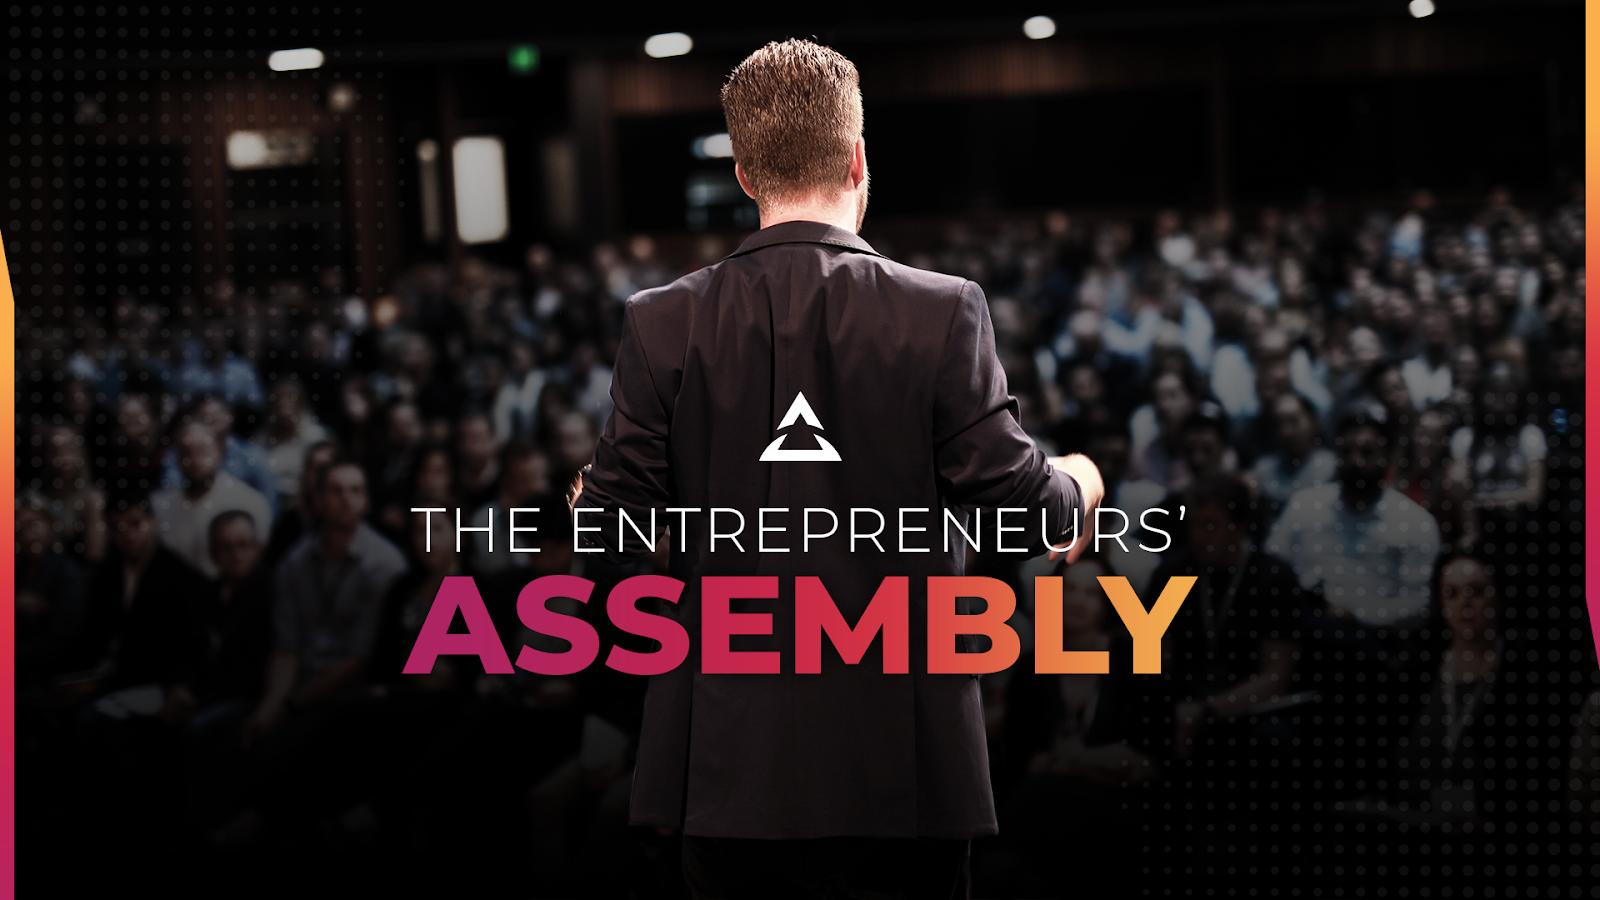 The Entrepreneurs Assembly